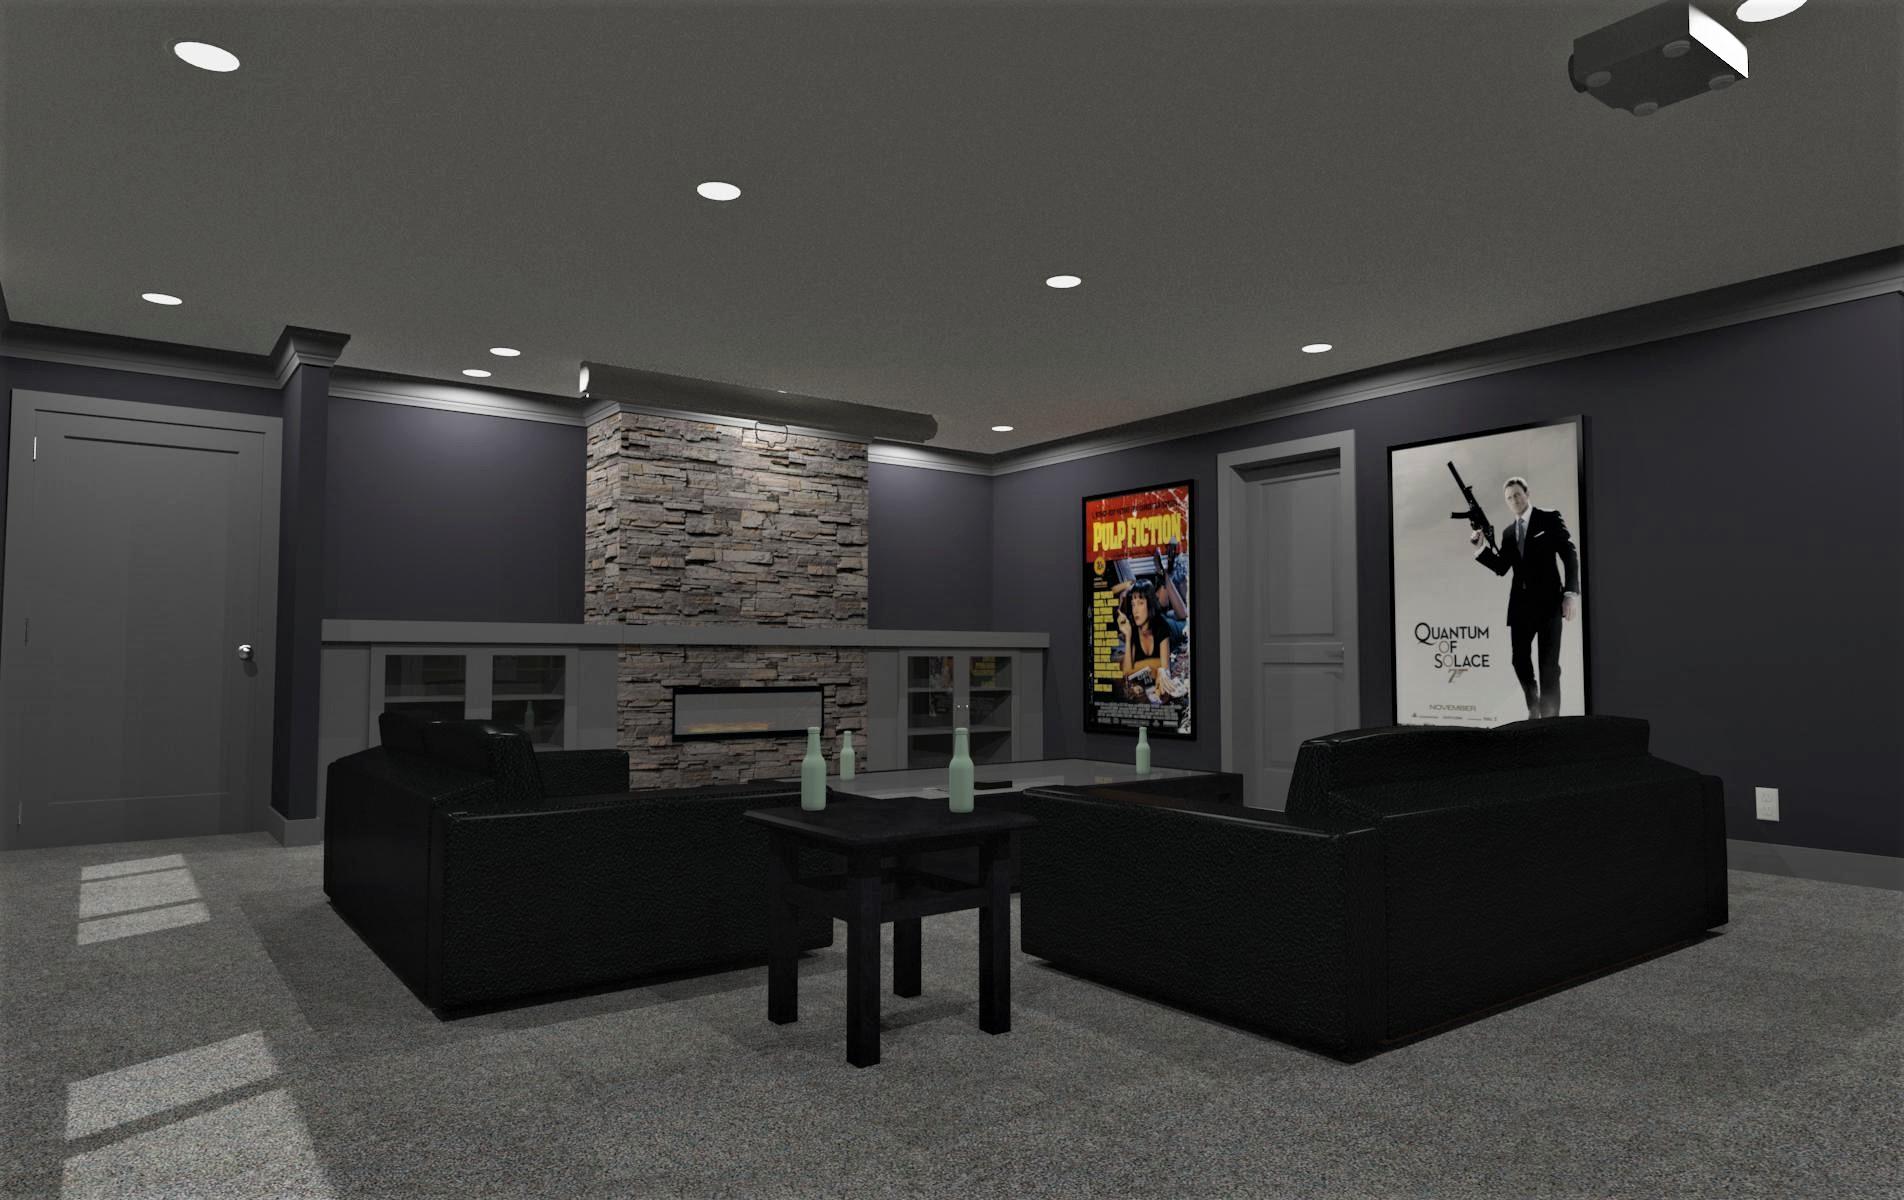 Media Room2